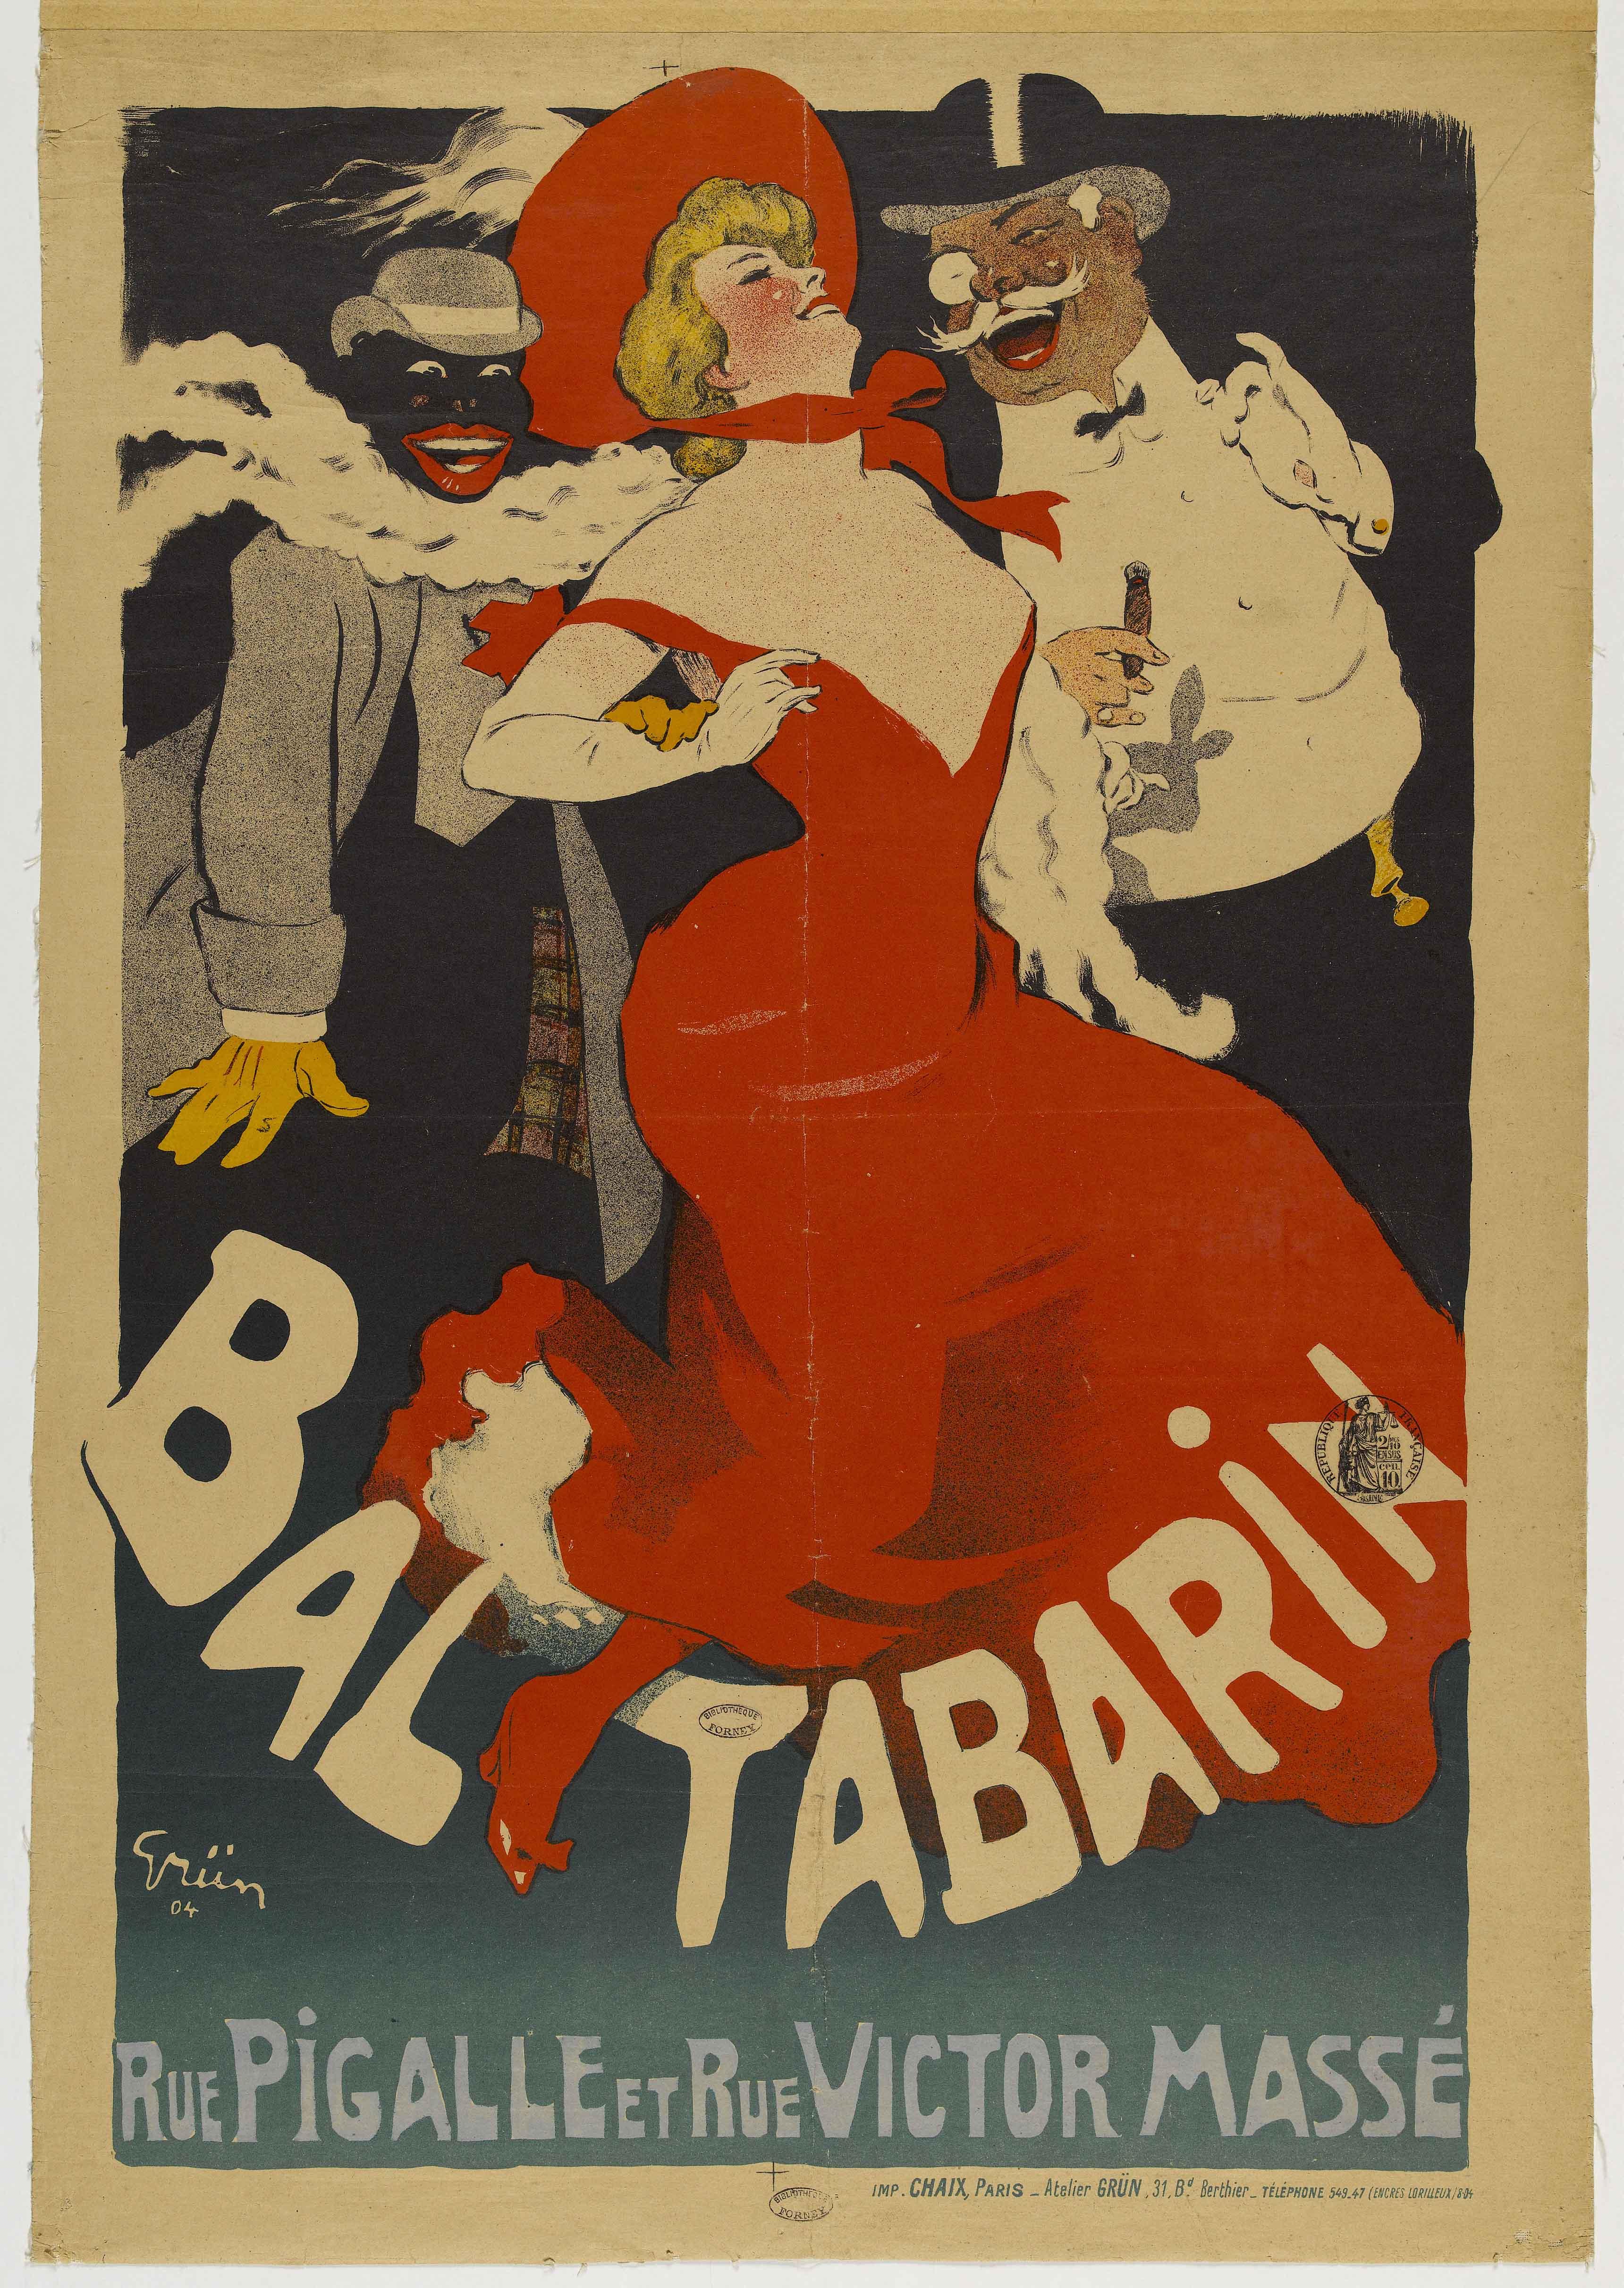 Affiche publicitaire pour le bal Tabarin, rue Pigalle et rue Victor Massé. Lithographie en couleur1904 © Grün / Bib. Forney / Roger Viollet